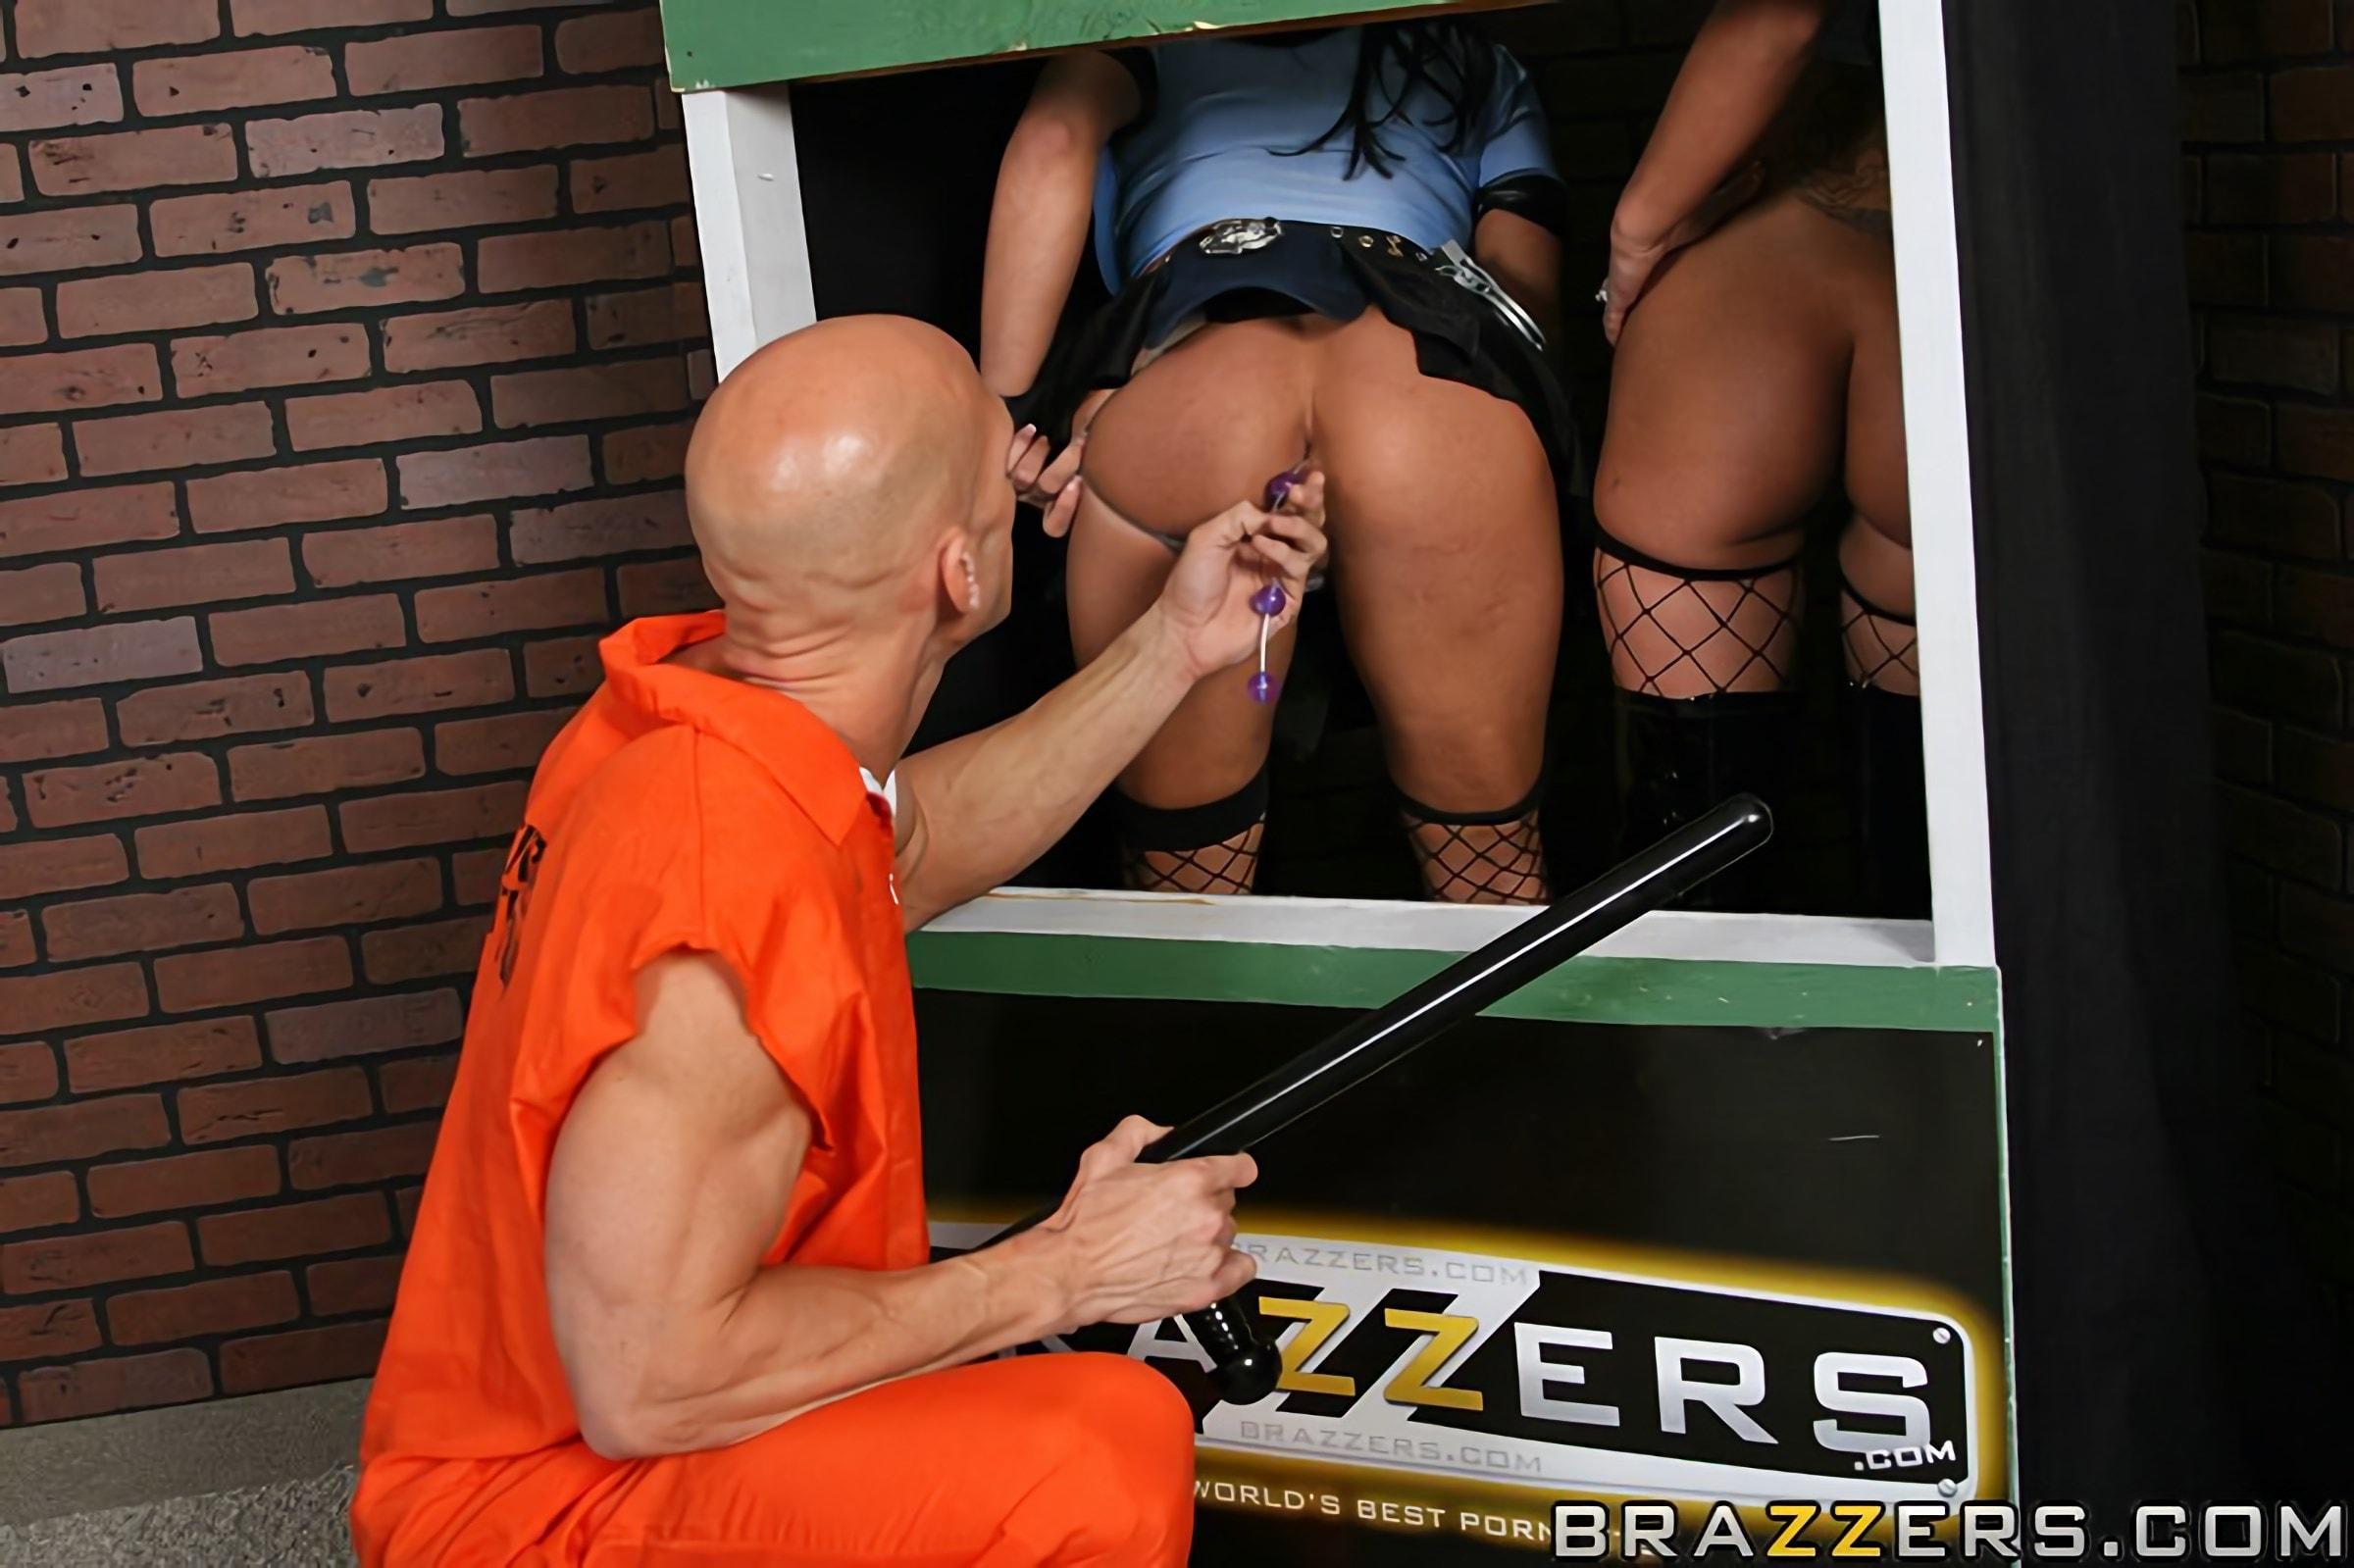 бразерс бандит секс в доме